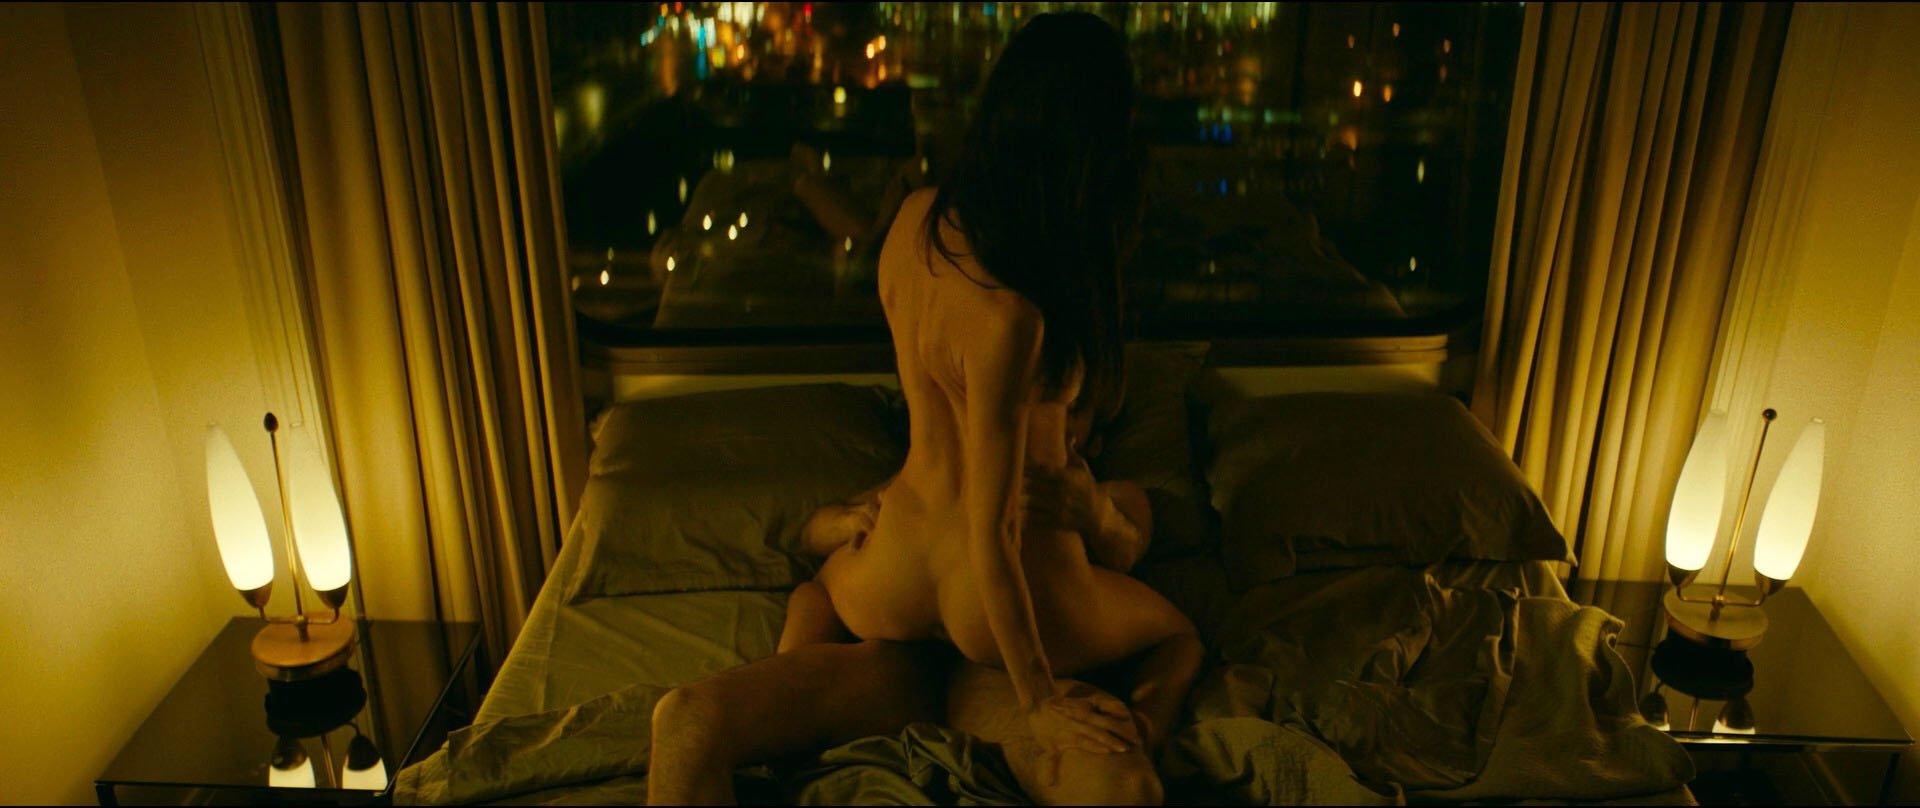 charlotte le bon naked